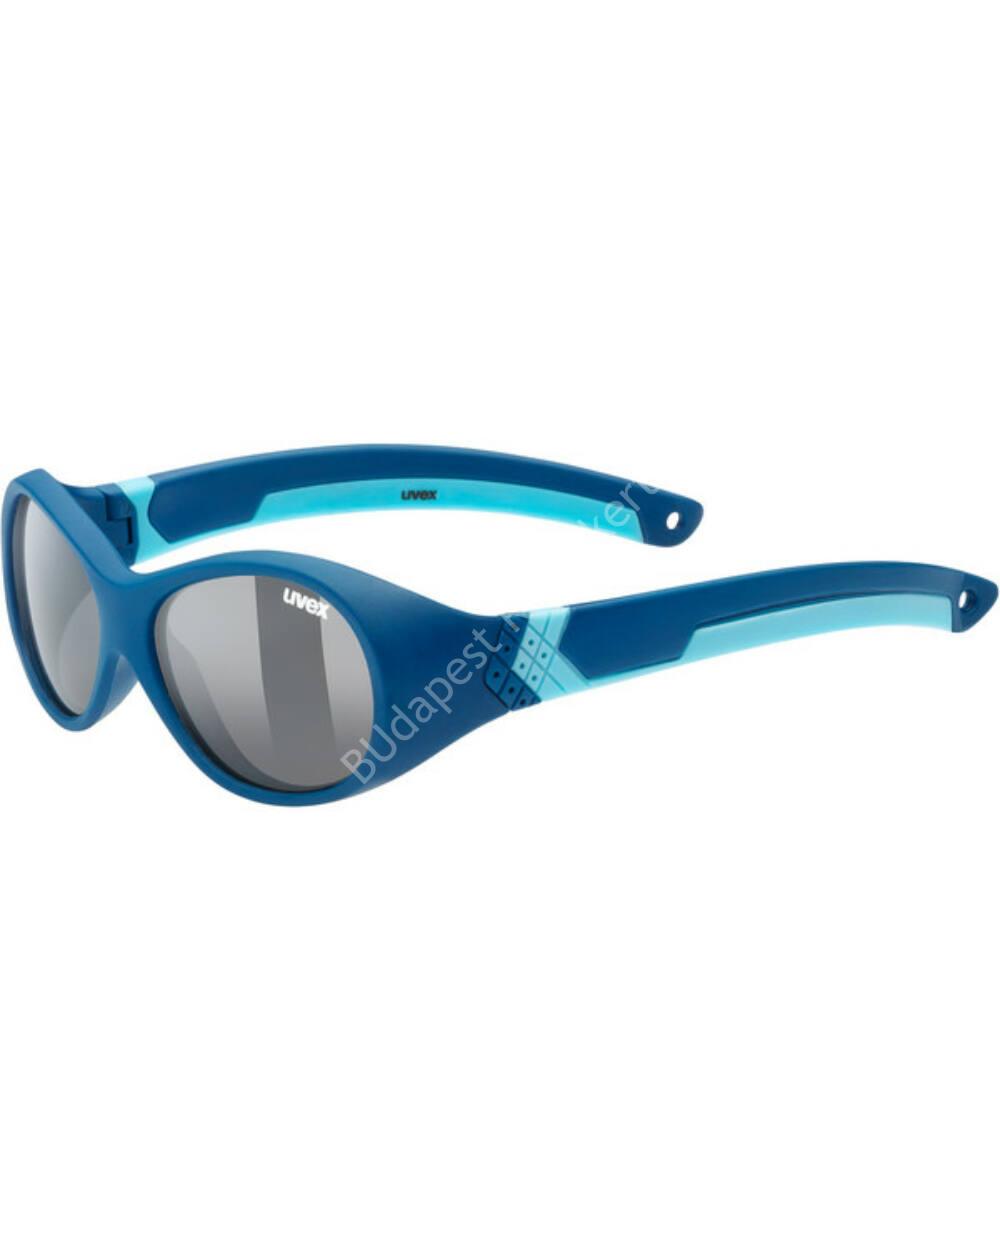 Uvex sportstyle 510 UV-védős sportszemüveg 1-3 éves, kék